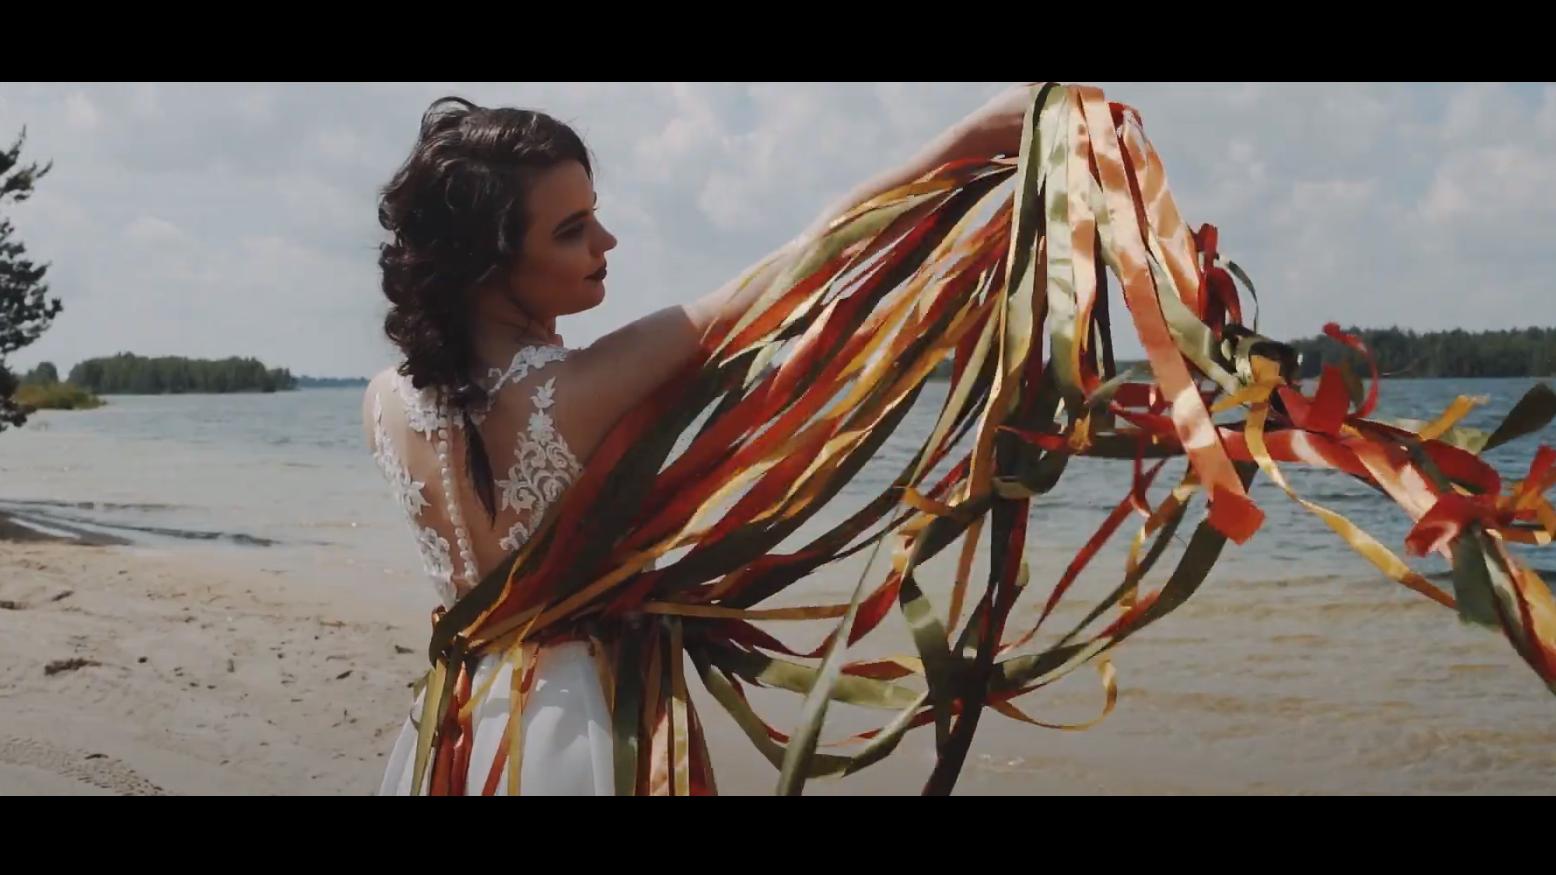 Letnia ślubna sesja stylizowana | plaża, wstążki, natura |Summer wedding session